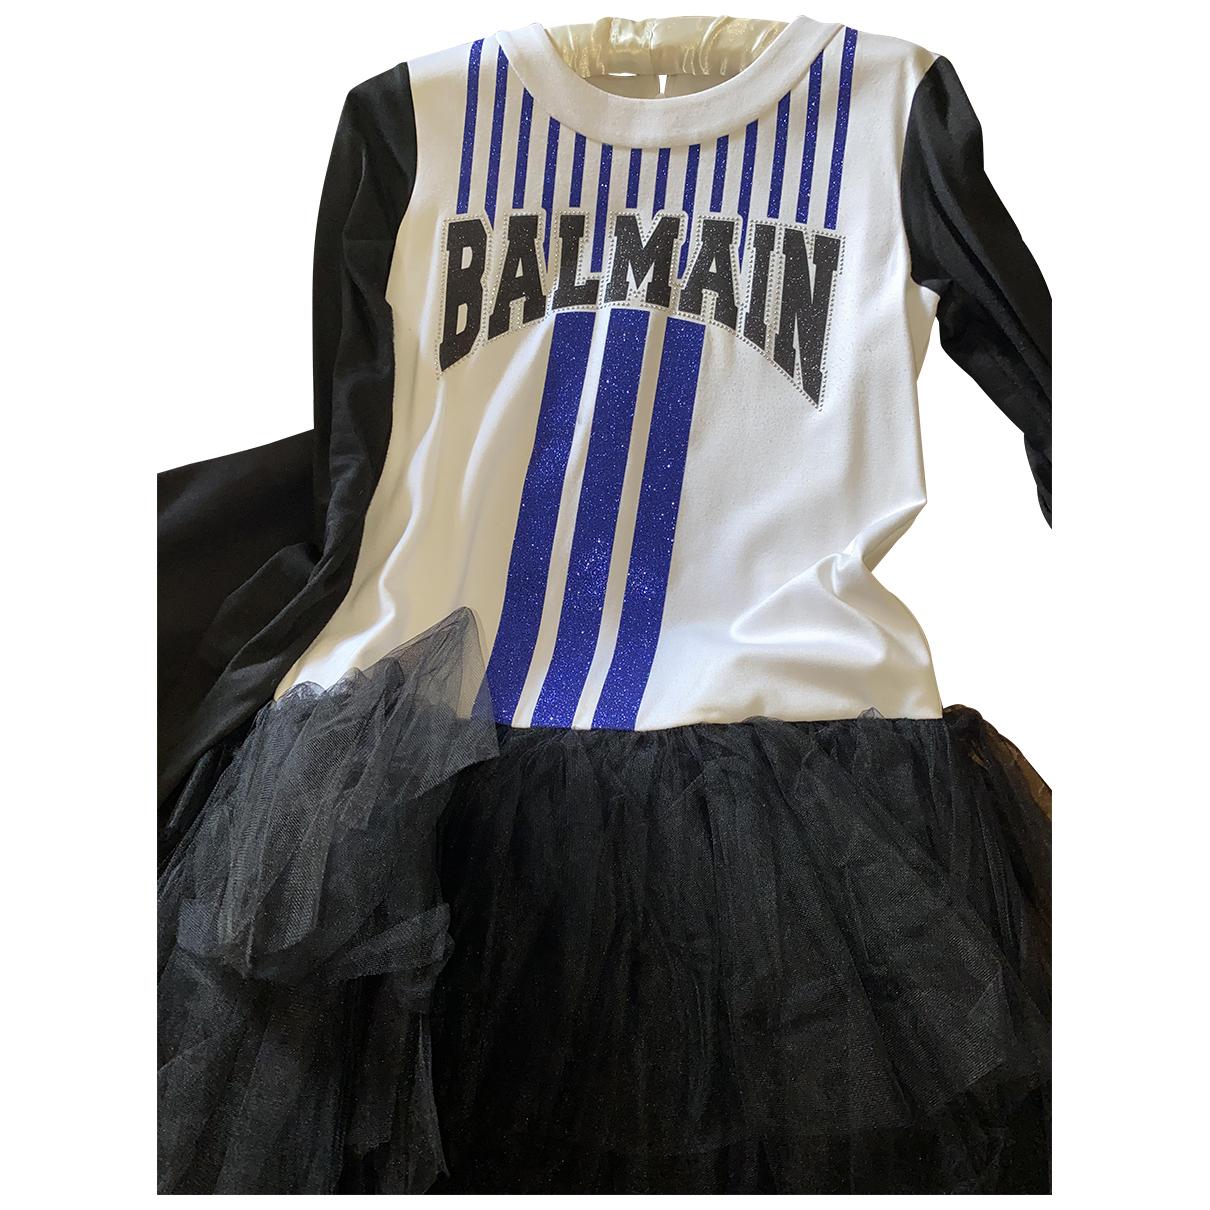 Balmain - Robe    pour enfant - multicolore